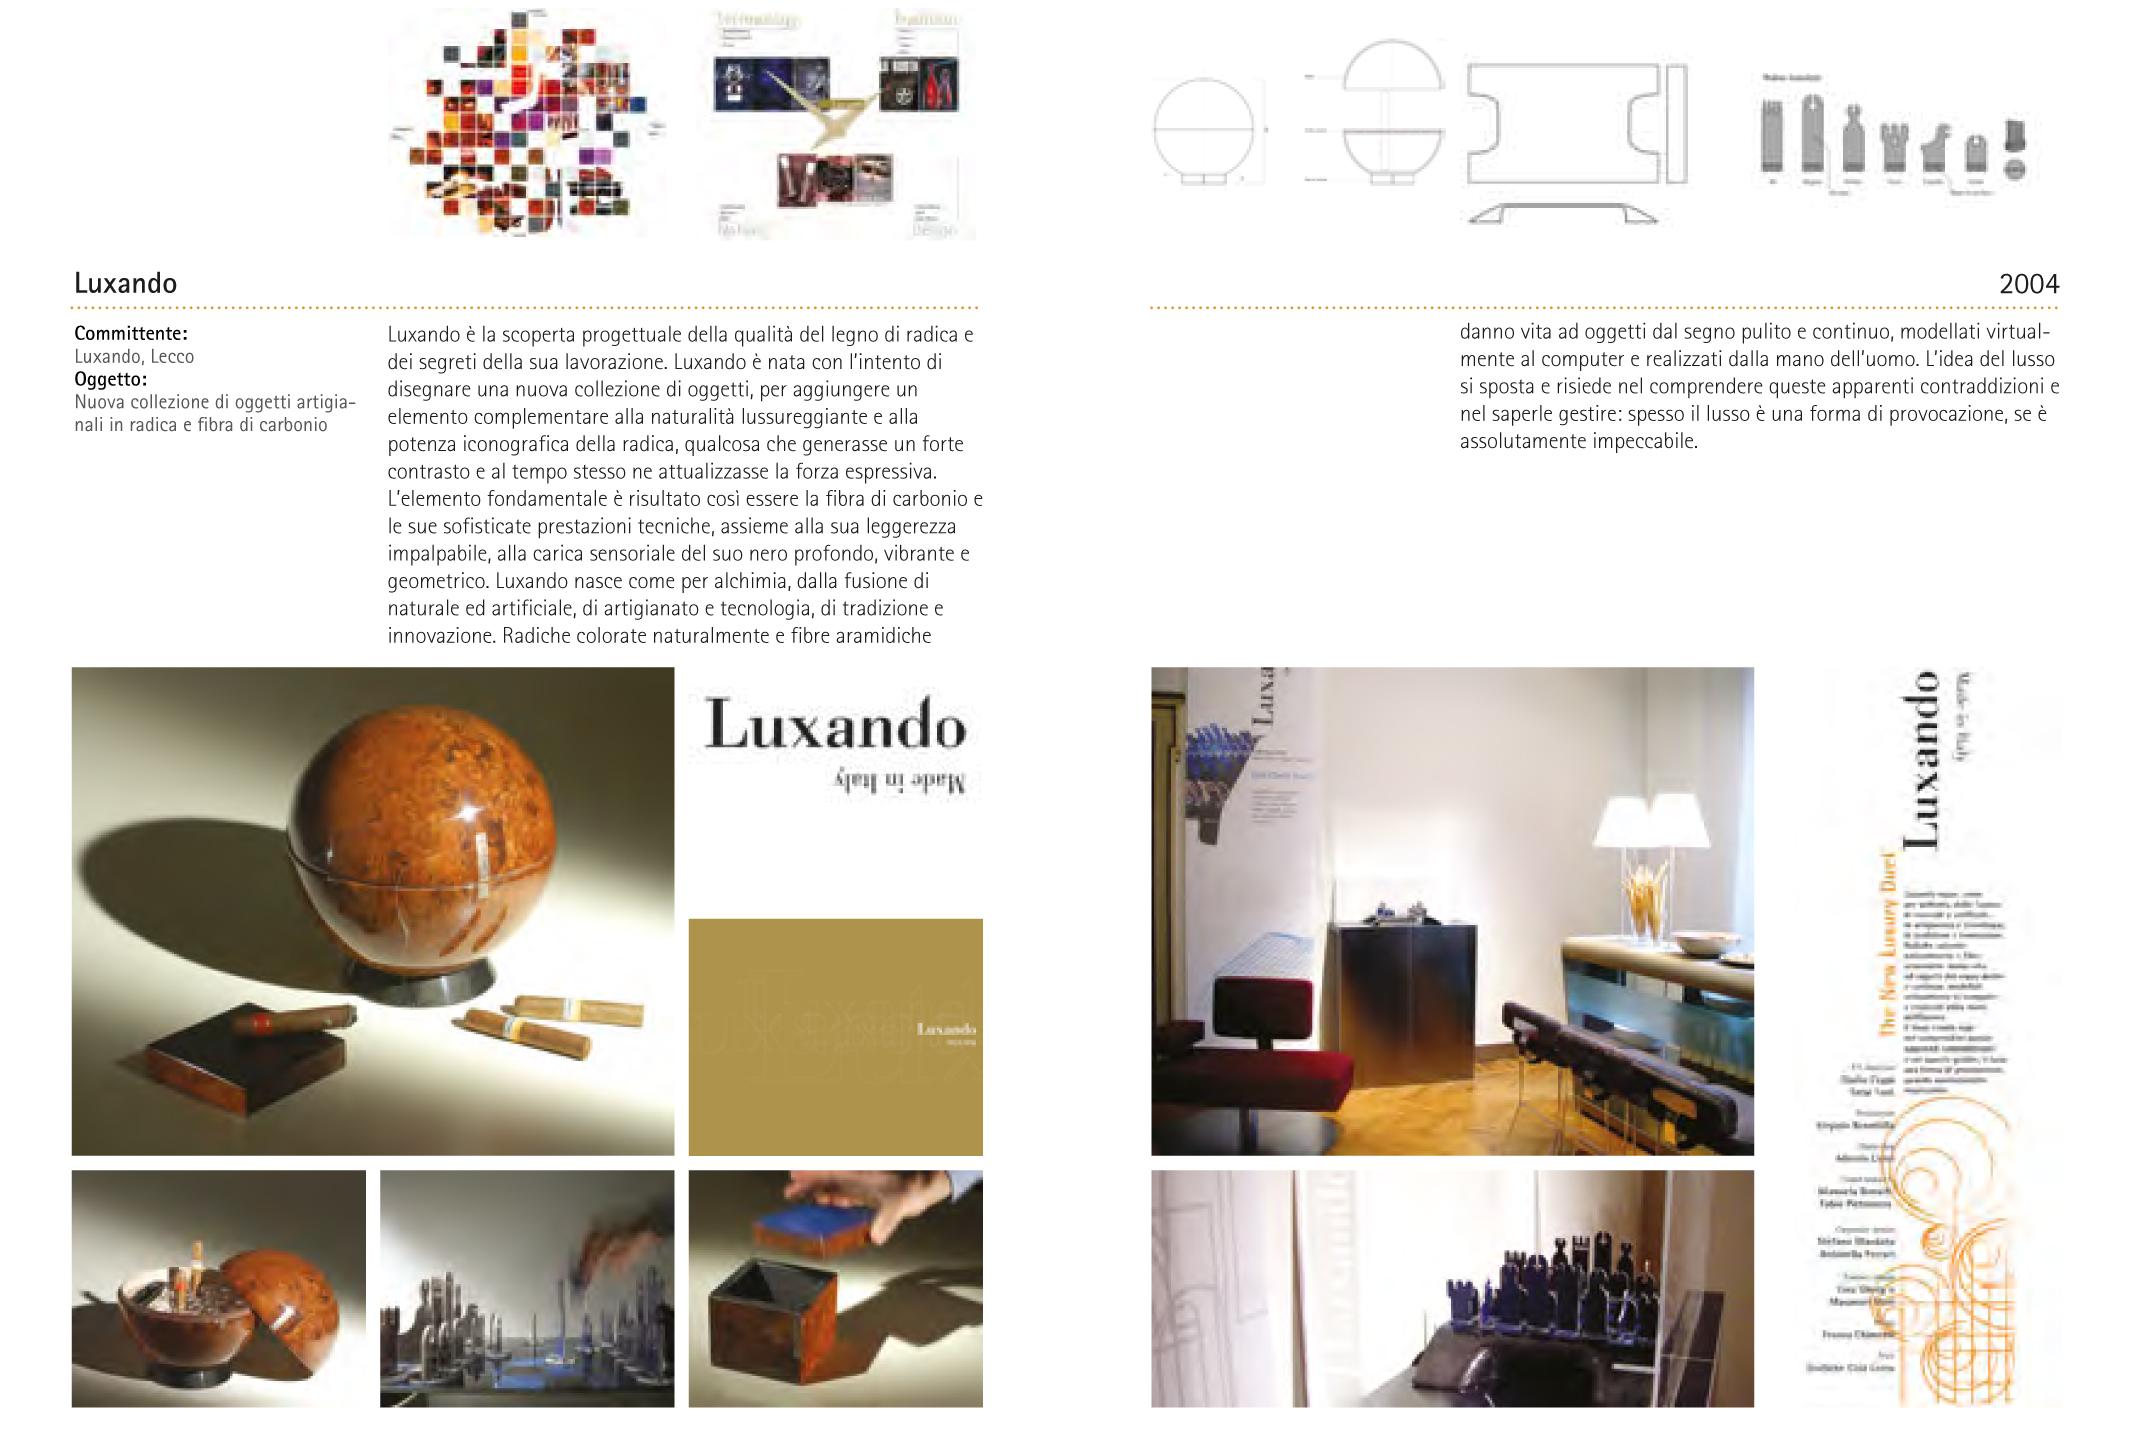 Luxando 2